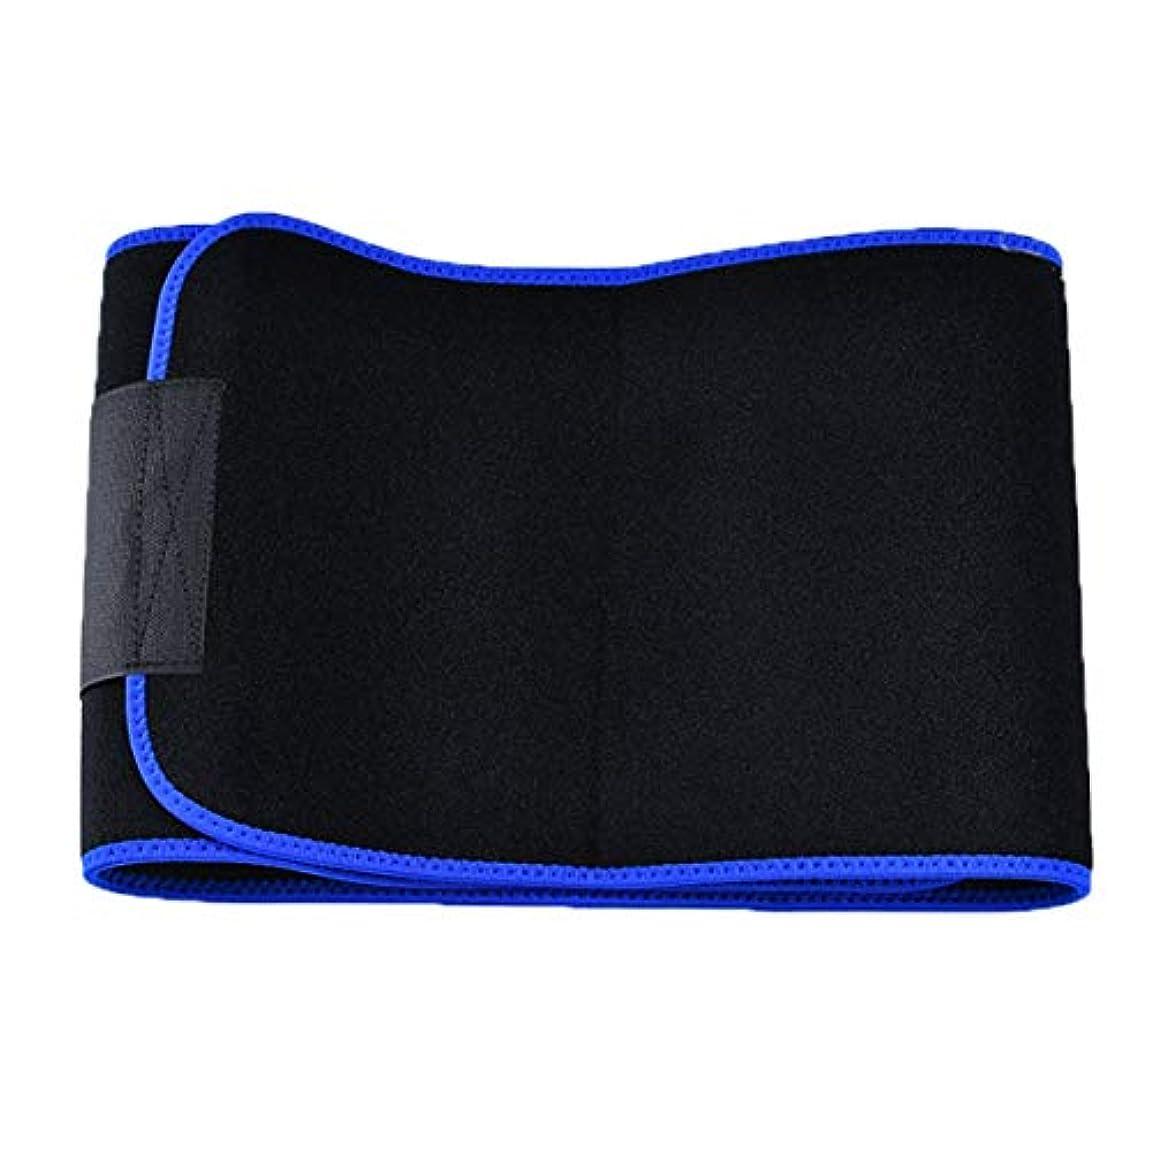 宗教的な通常入場料腹部プラスチックベルトウエストサポートボディシェイパートレーニングコルセット痩身ウエストベルトスリム汗スポーツ保護具